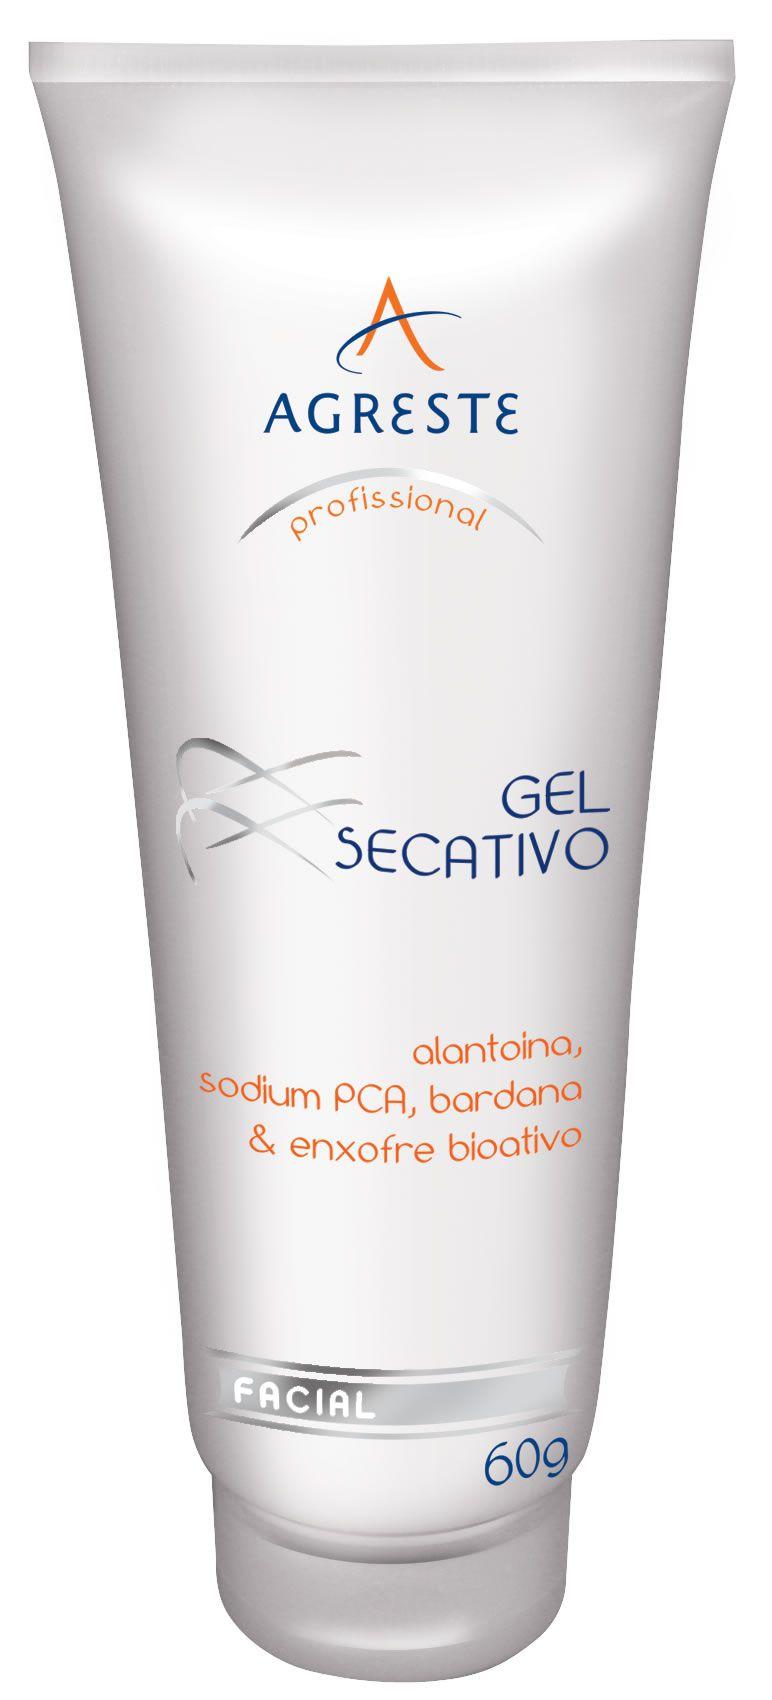 Gel Secativo - 60g  - Agreste Brasil - Cosmética Profissional